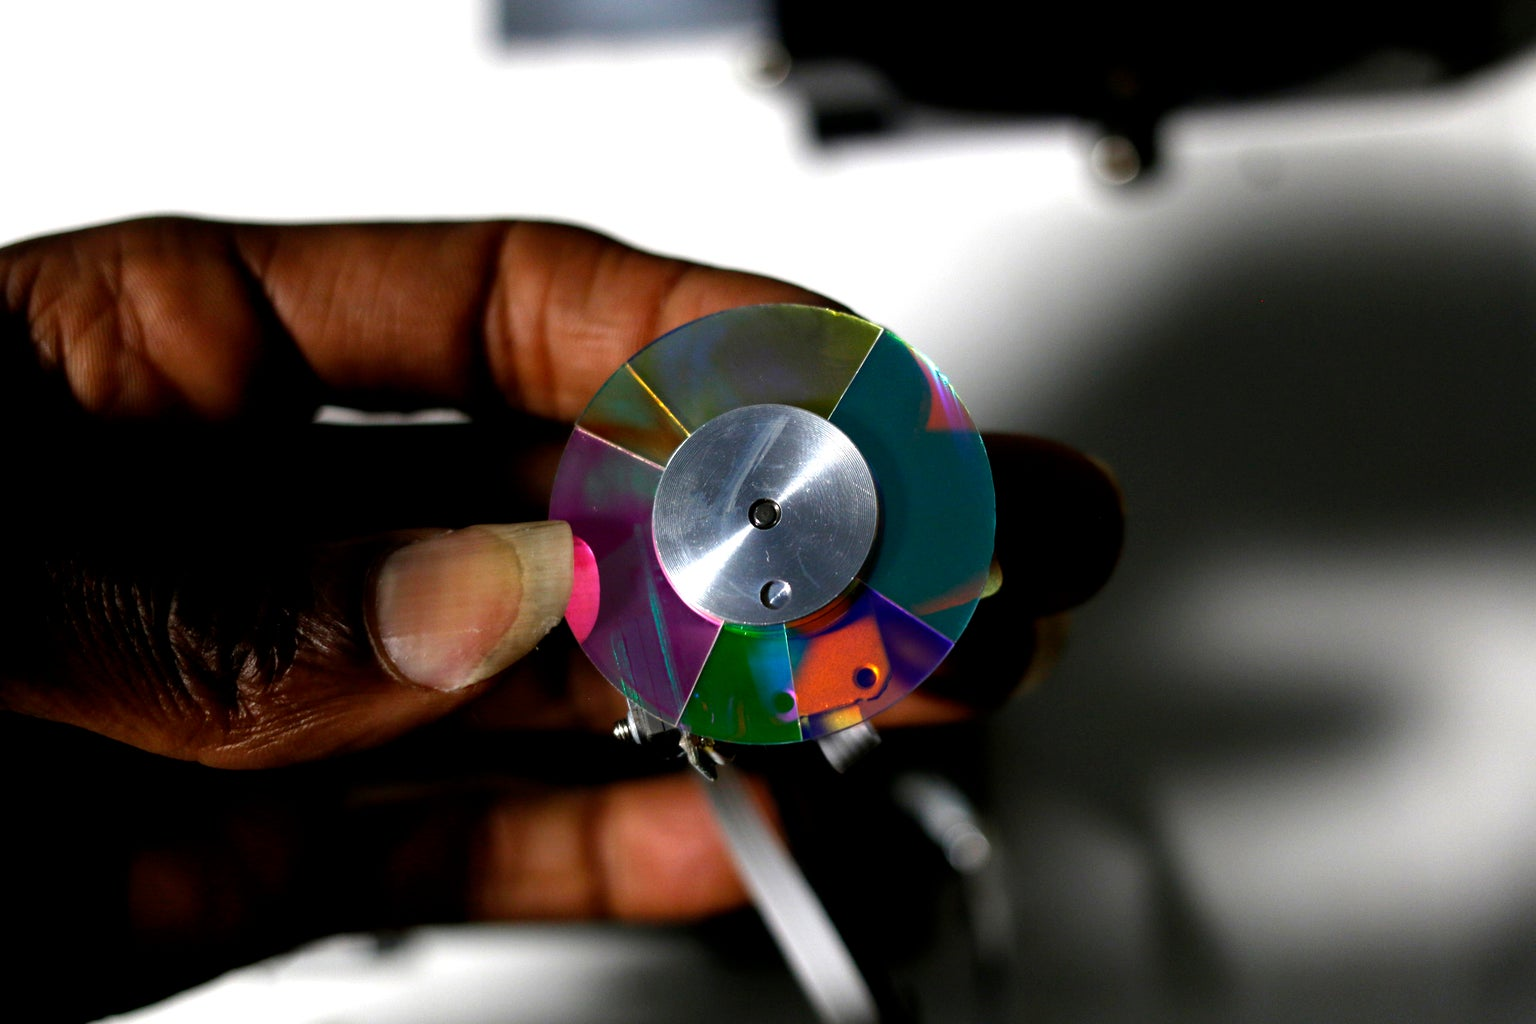 Unscrew Color Wheel